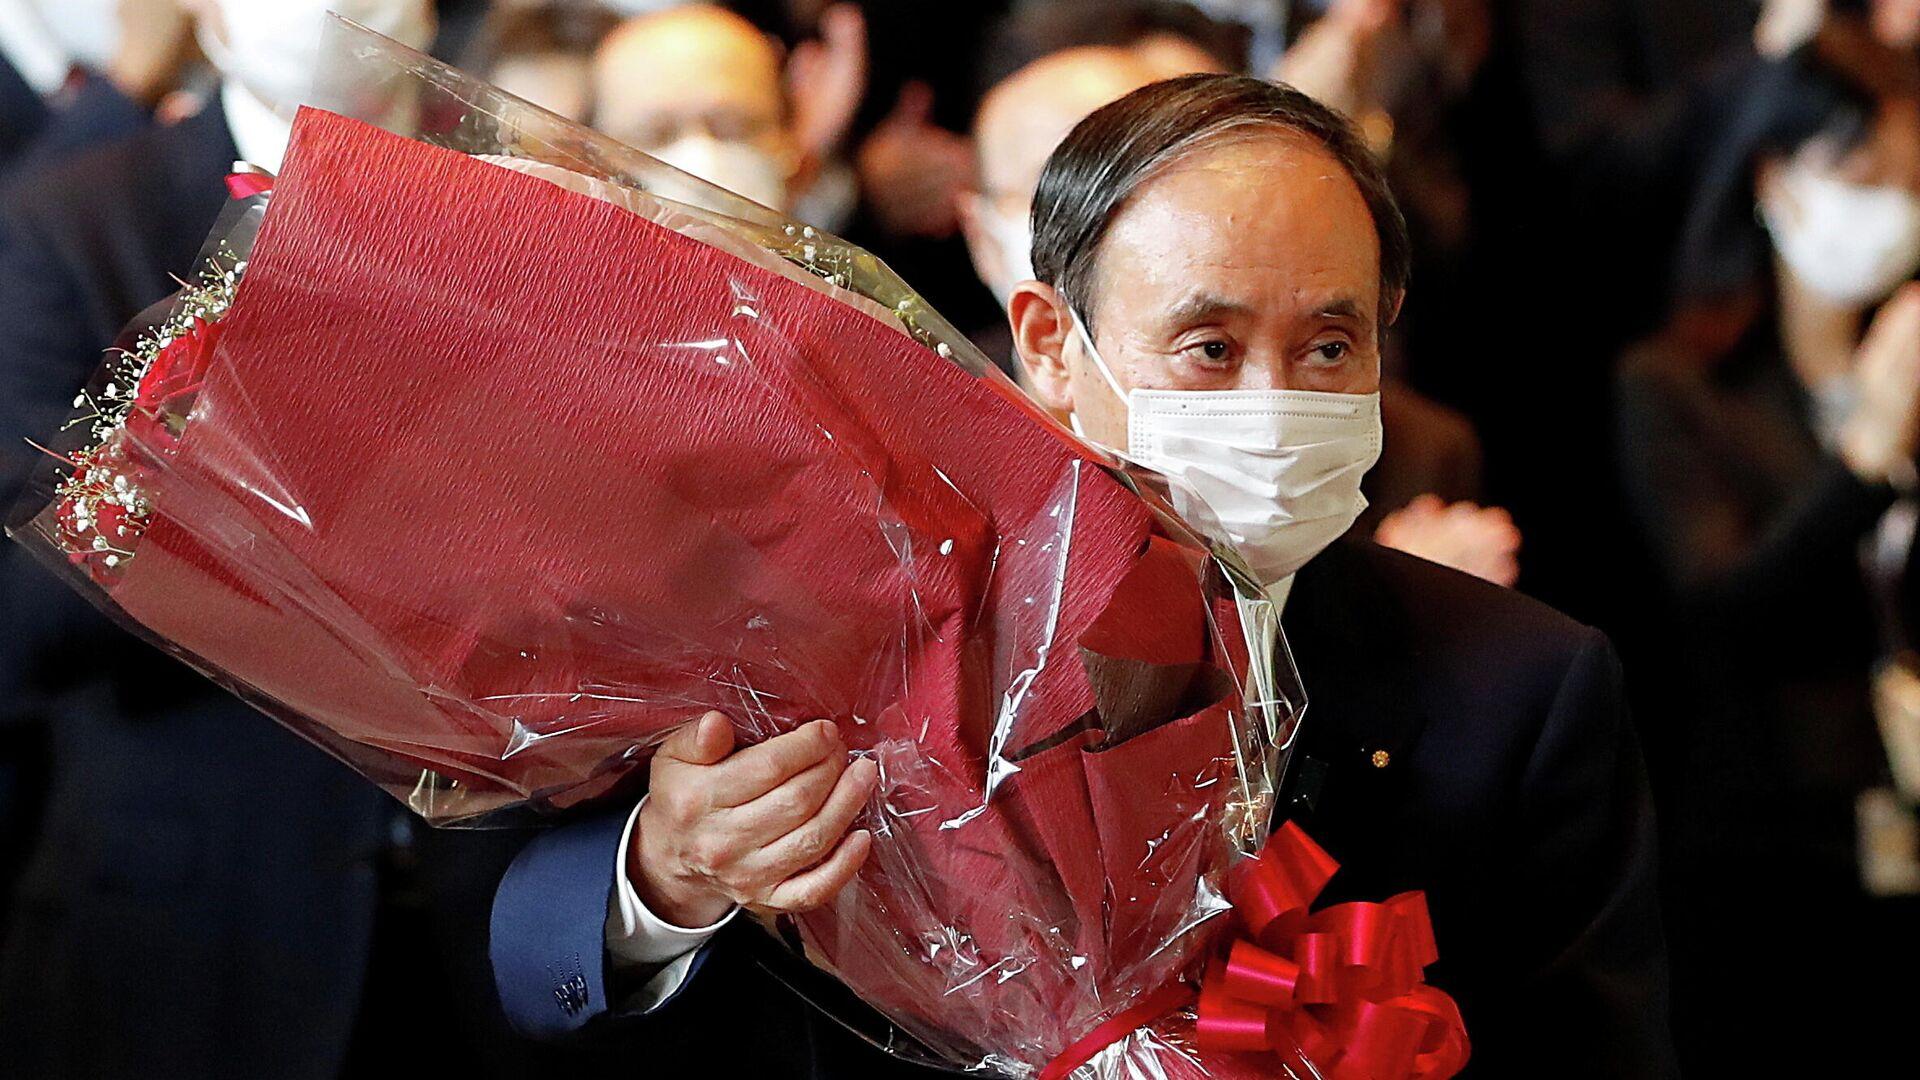 Уходящий в отставку премьер-министр Японии Есихидэ Суга покидает кабинет премьер-министра в Токио, Япония - РИА Новости, 1920, 04.10.2021